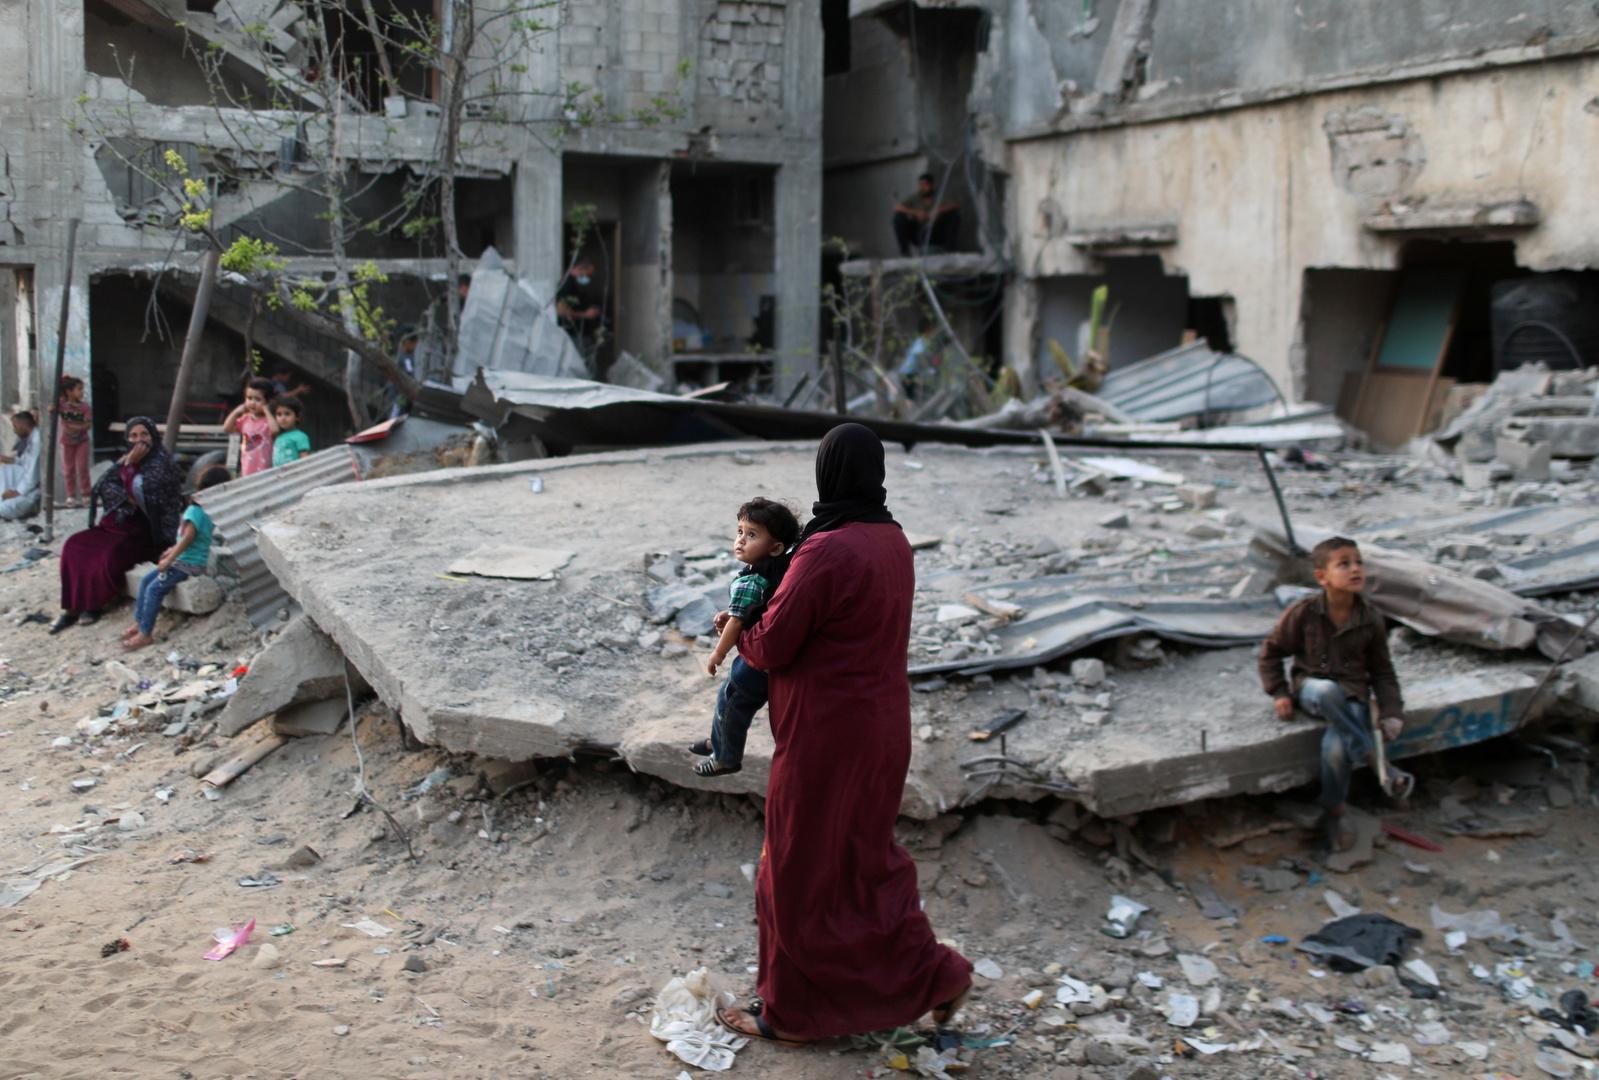 جنرال إسرائيلي يحذر من تجدد التصعيد في غزة